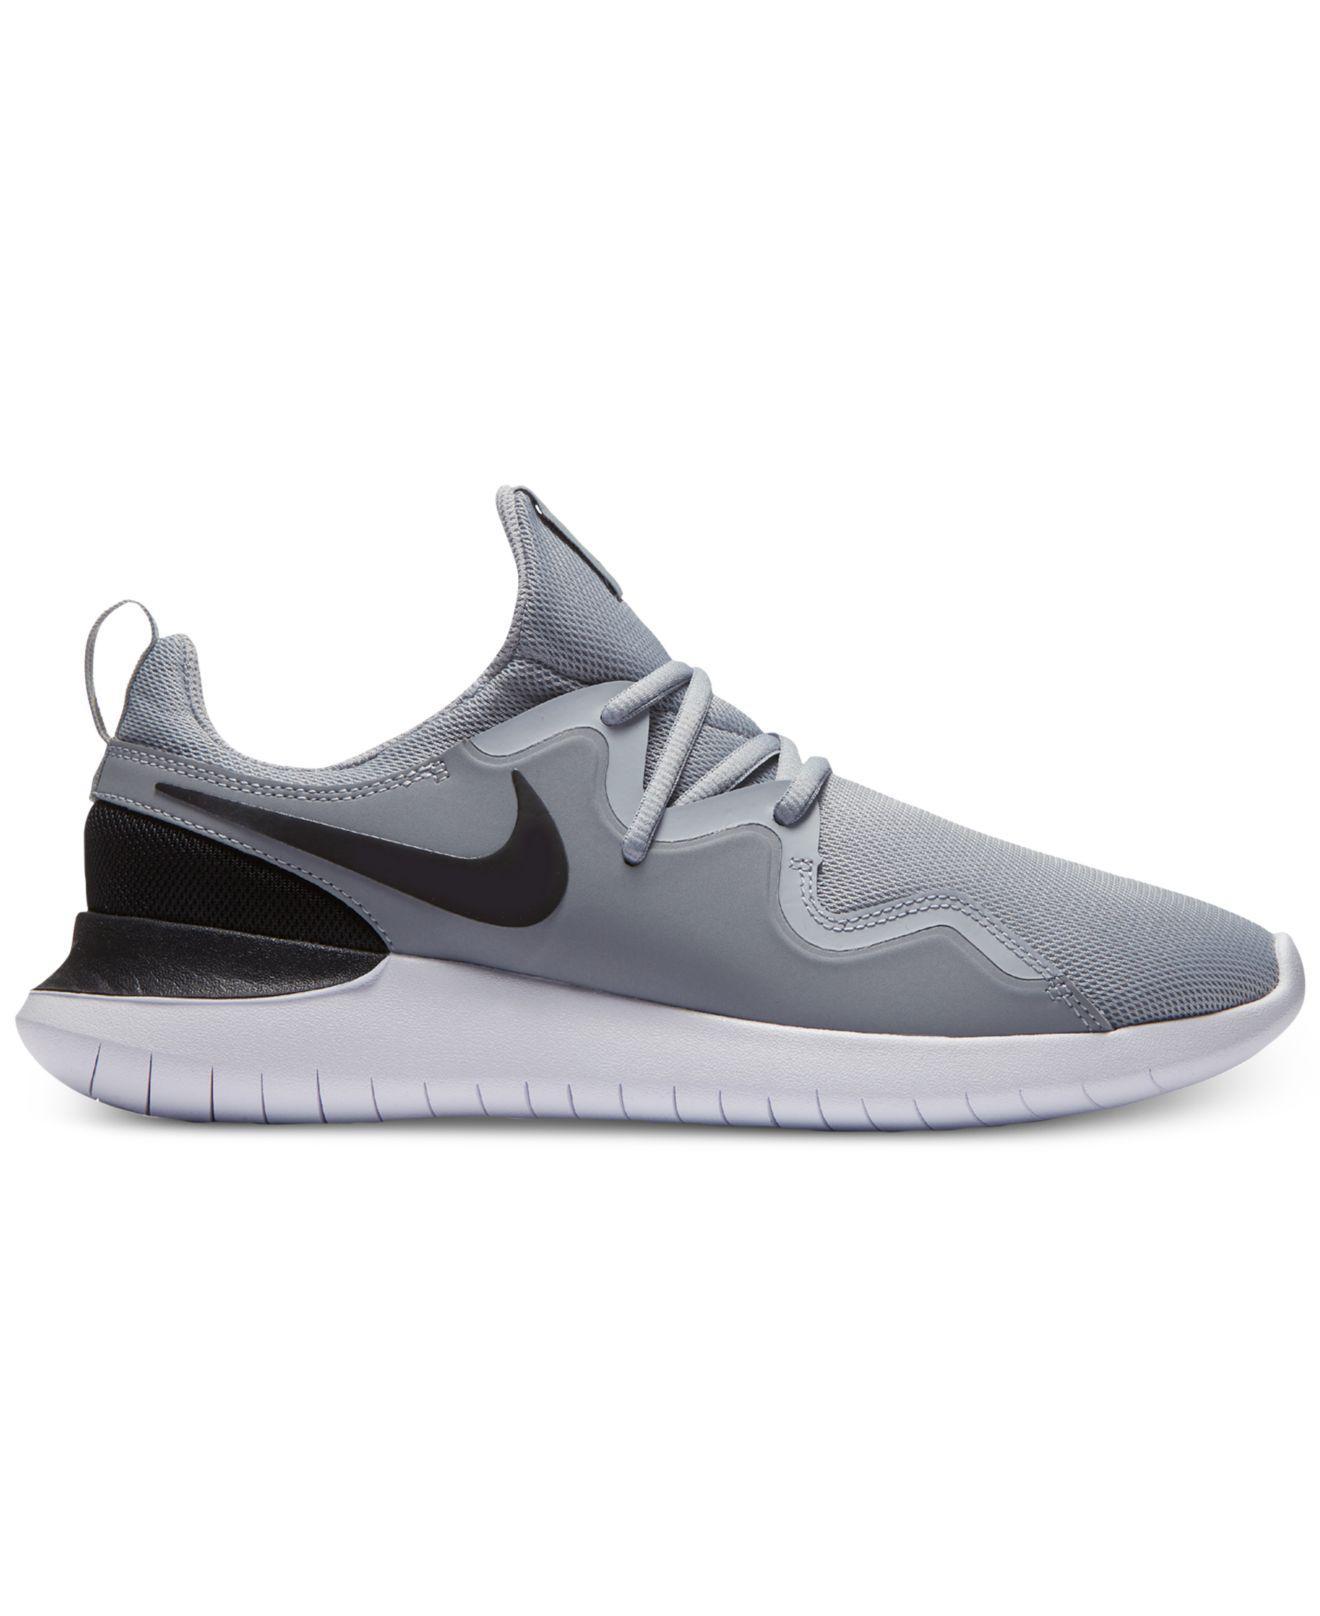 lyst nike tessen casual scarpe dal traguardo in grigio per gli uomini.